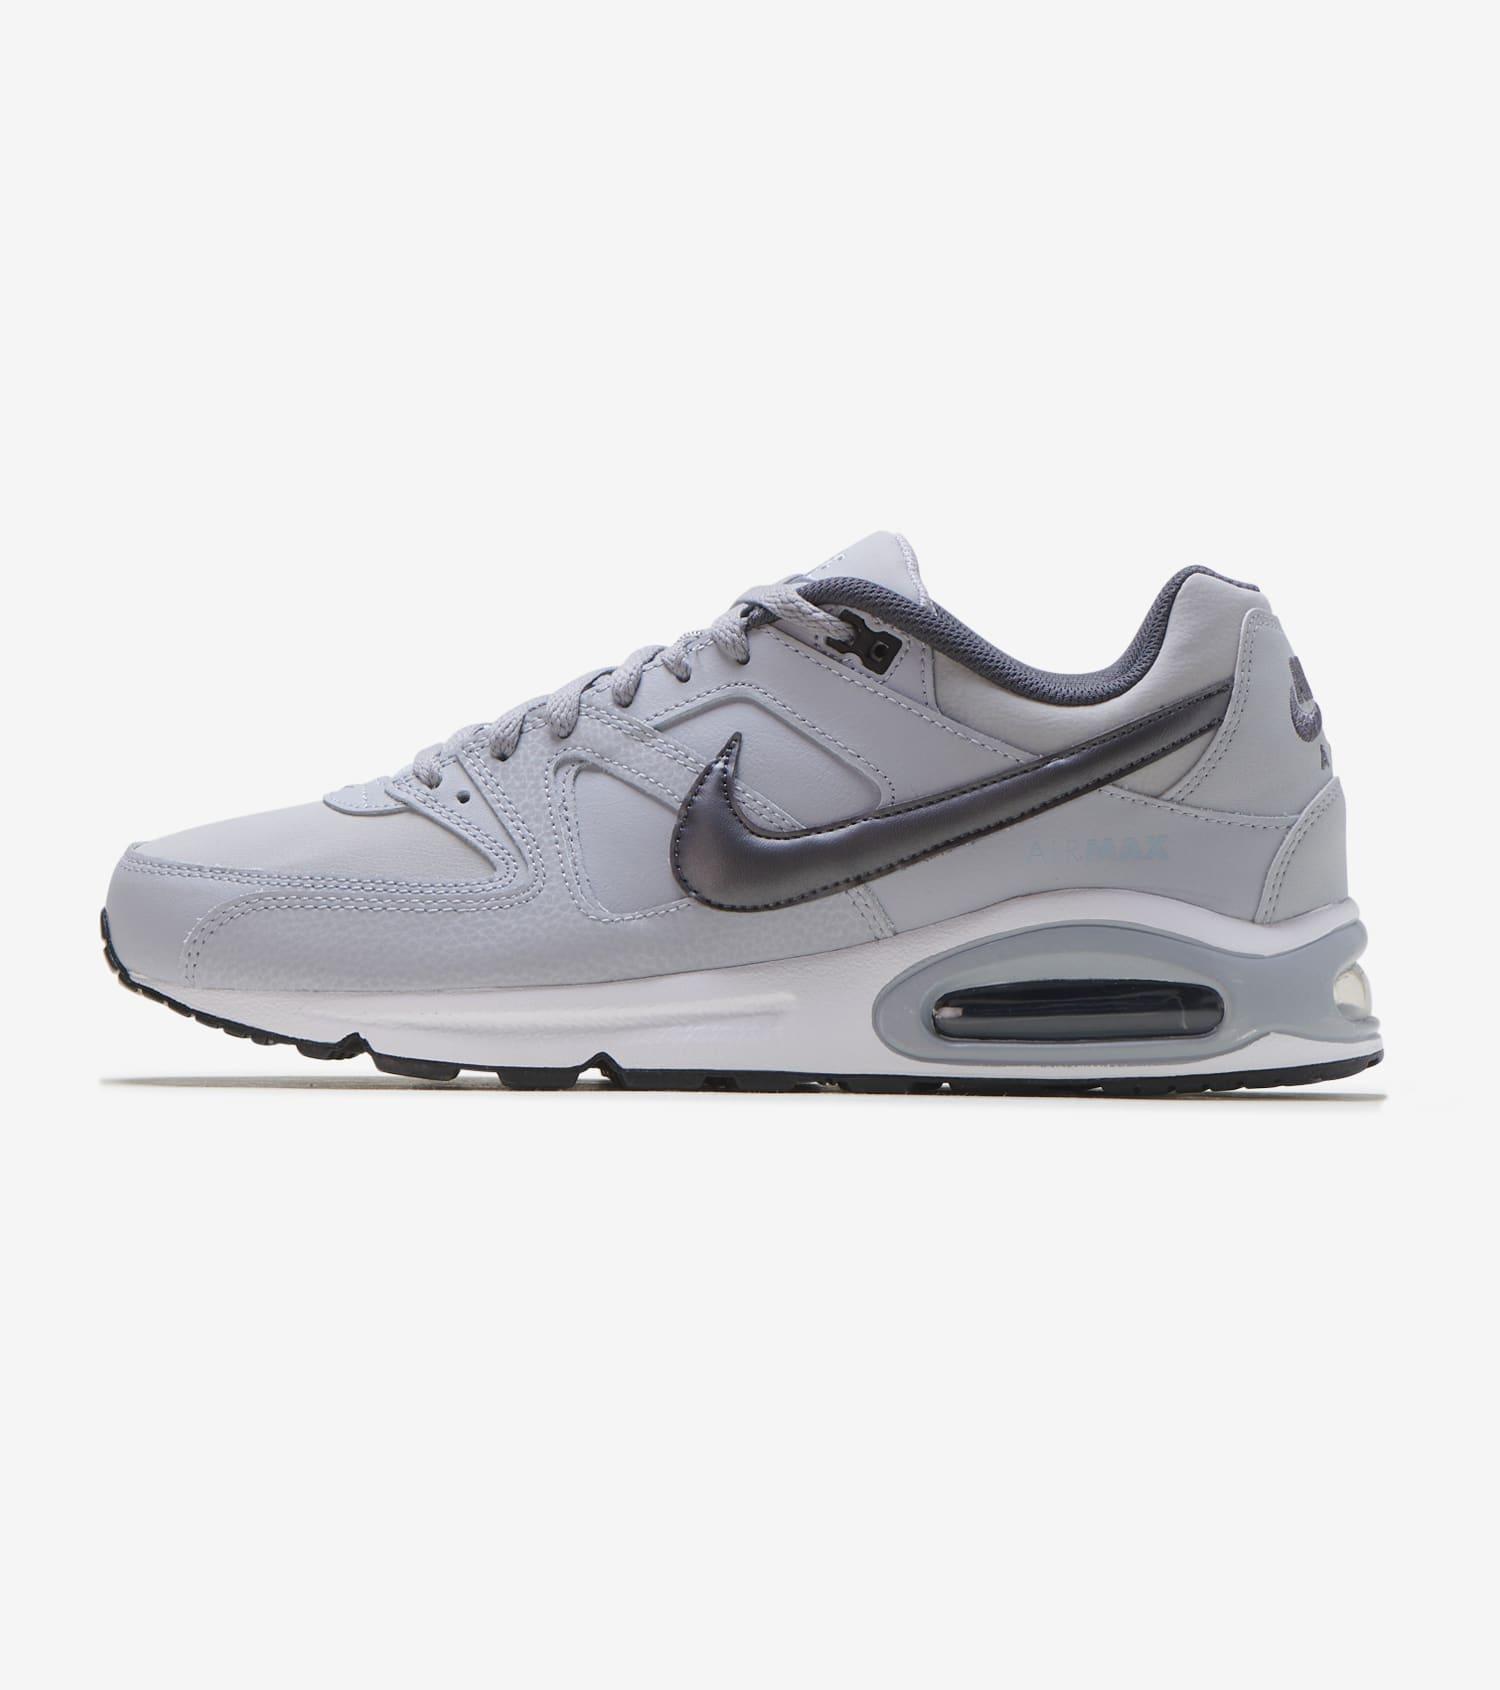 meilleures baskets d4f0e a7b49 Nike Air Max Command